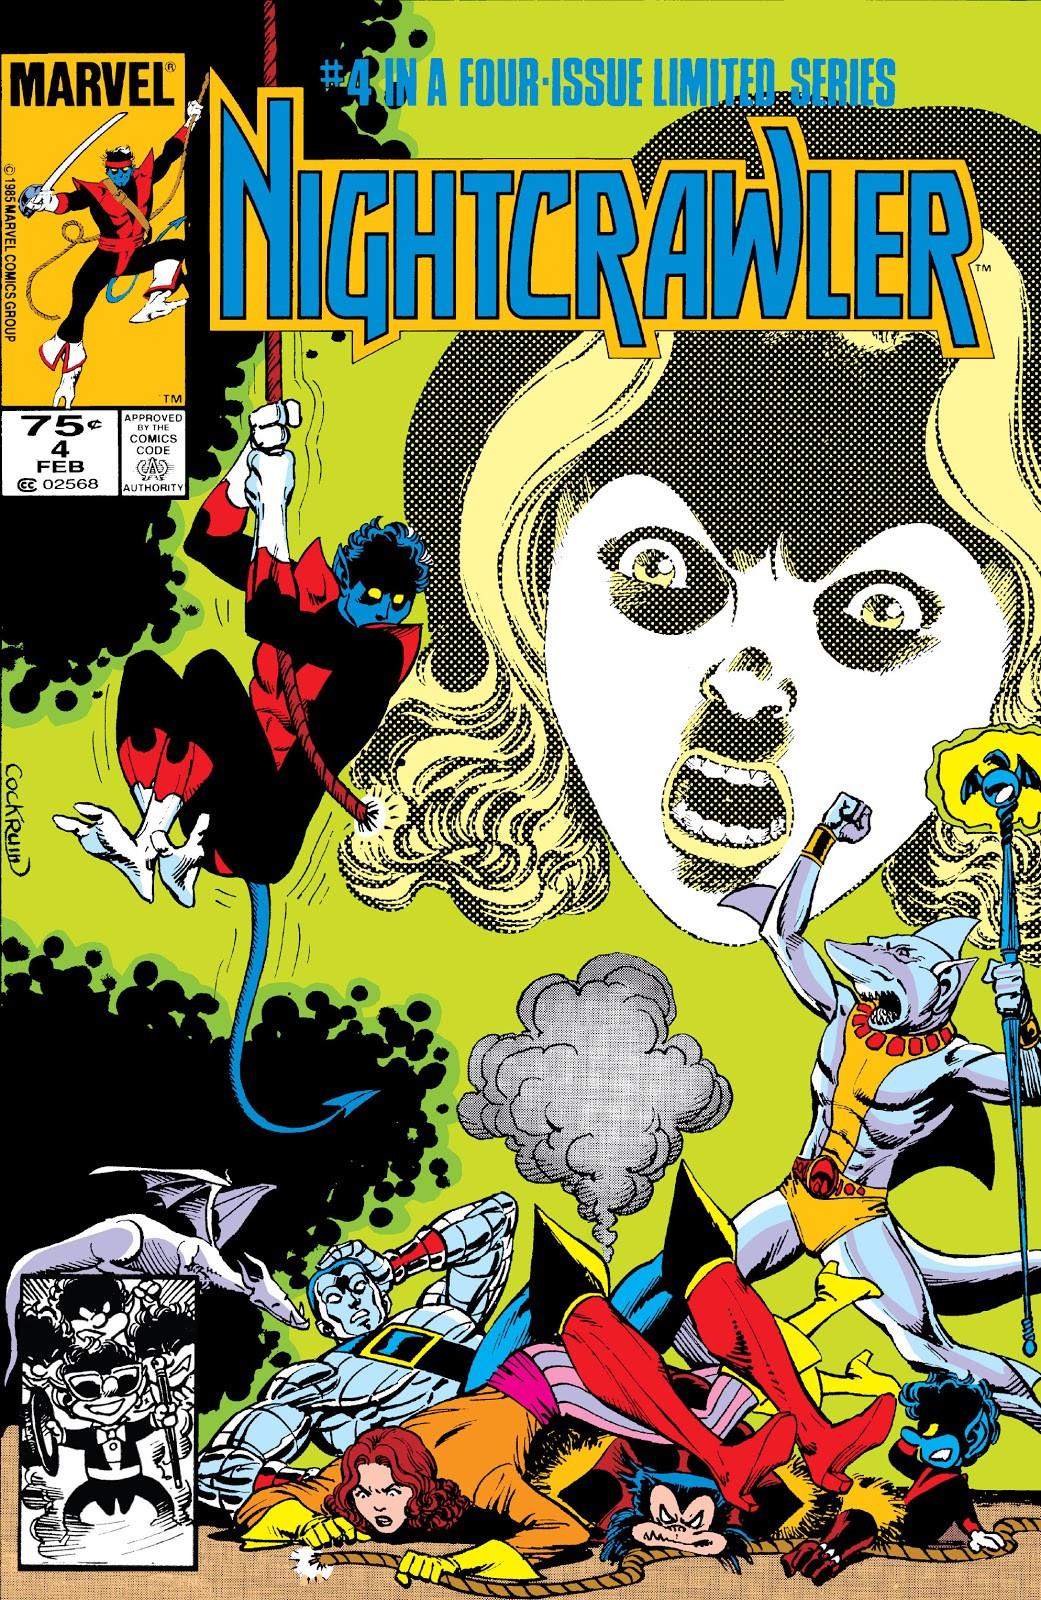 Nightcrawler vol 1 4